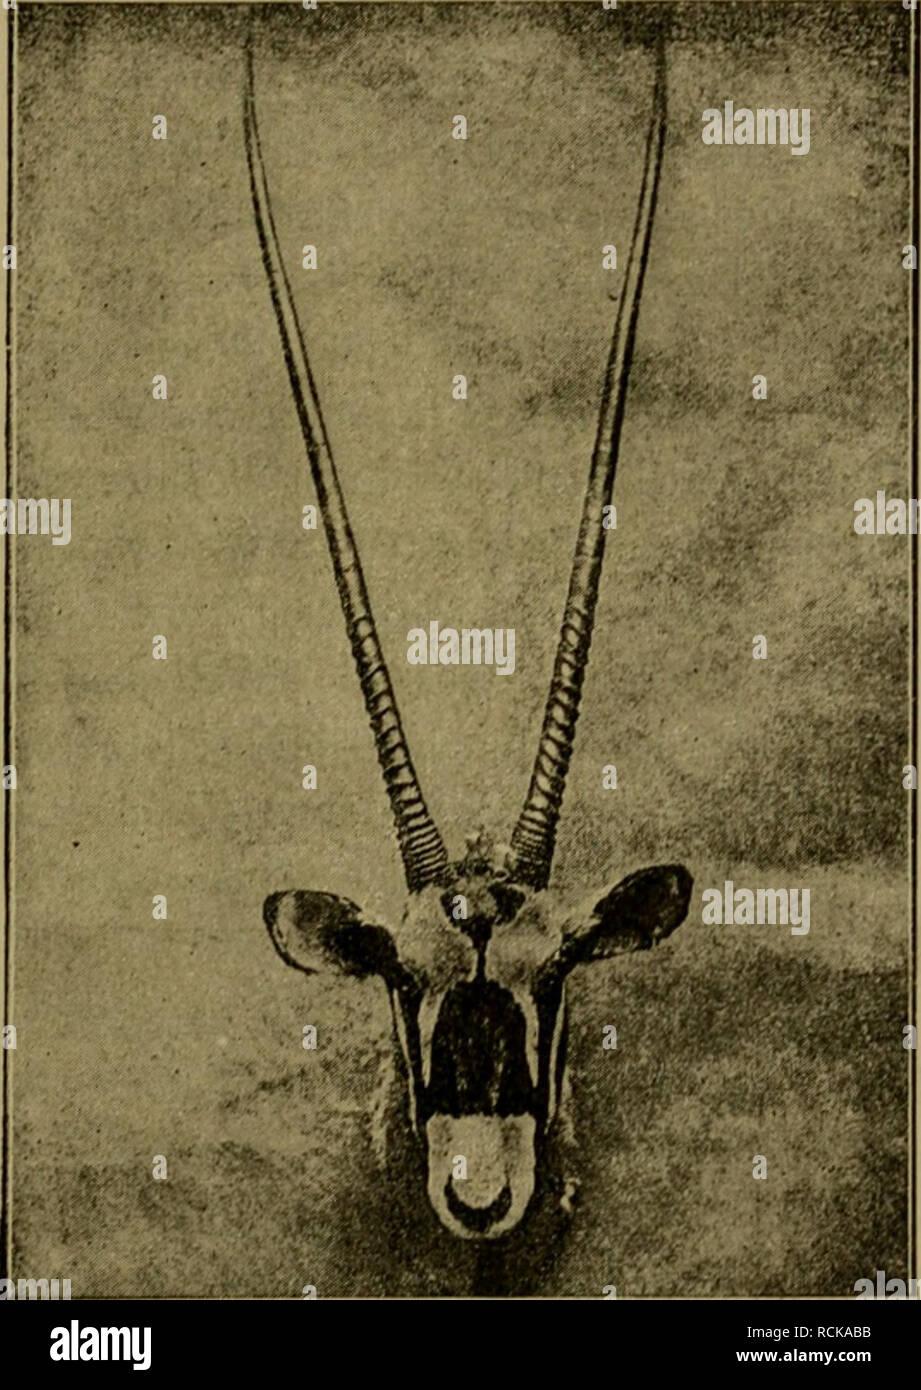 . Die geographische Verbreitung und geologische Entwickelung der Säugetiere. Zoogeography; Mammals; Mammals, Fossil. — 335 - Verwandten (Hippotrmjiis) typisch vertreten, })ei denen die Hörner sanft nach, rückwärts gebogen und fast bis an die Spitze geringelt sind. Diese Gattung ist ausschliesslich äthiopisch. Die durch die Oryxantilope (Oryx) typisch. l'ig. 0». Kojif der Oryxantilope ((/ryxj. vertretene Gattung, die durch die geraden oder nur schwach gebogenen und nur an der Basis geringelten schlanken Hörner charakterisiert ist, ist über alle Wüstengegenden von Afrika, Arabien und Syrien verb - Stock Image